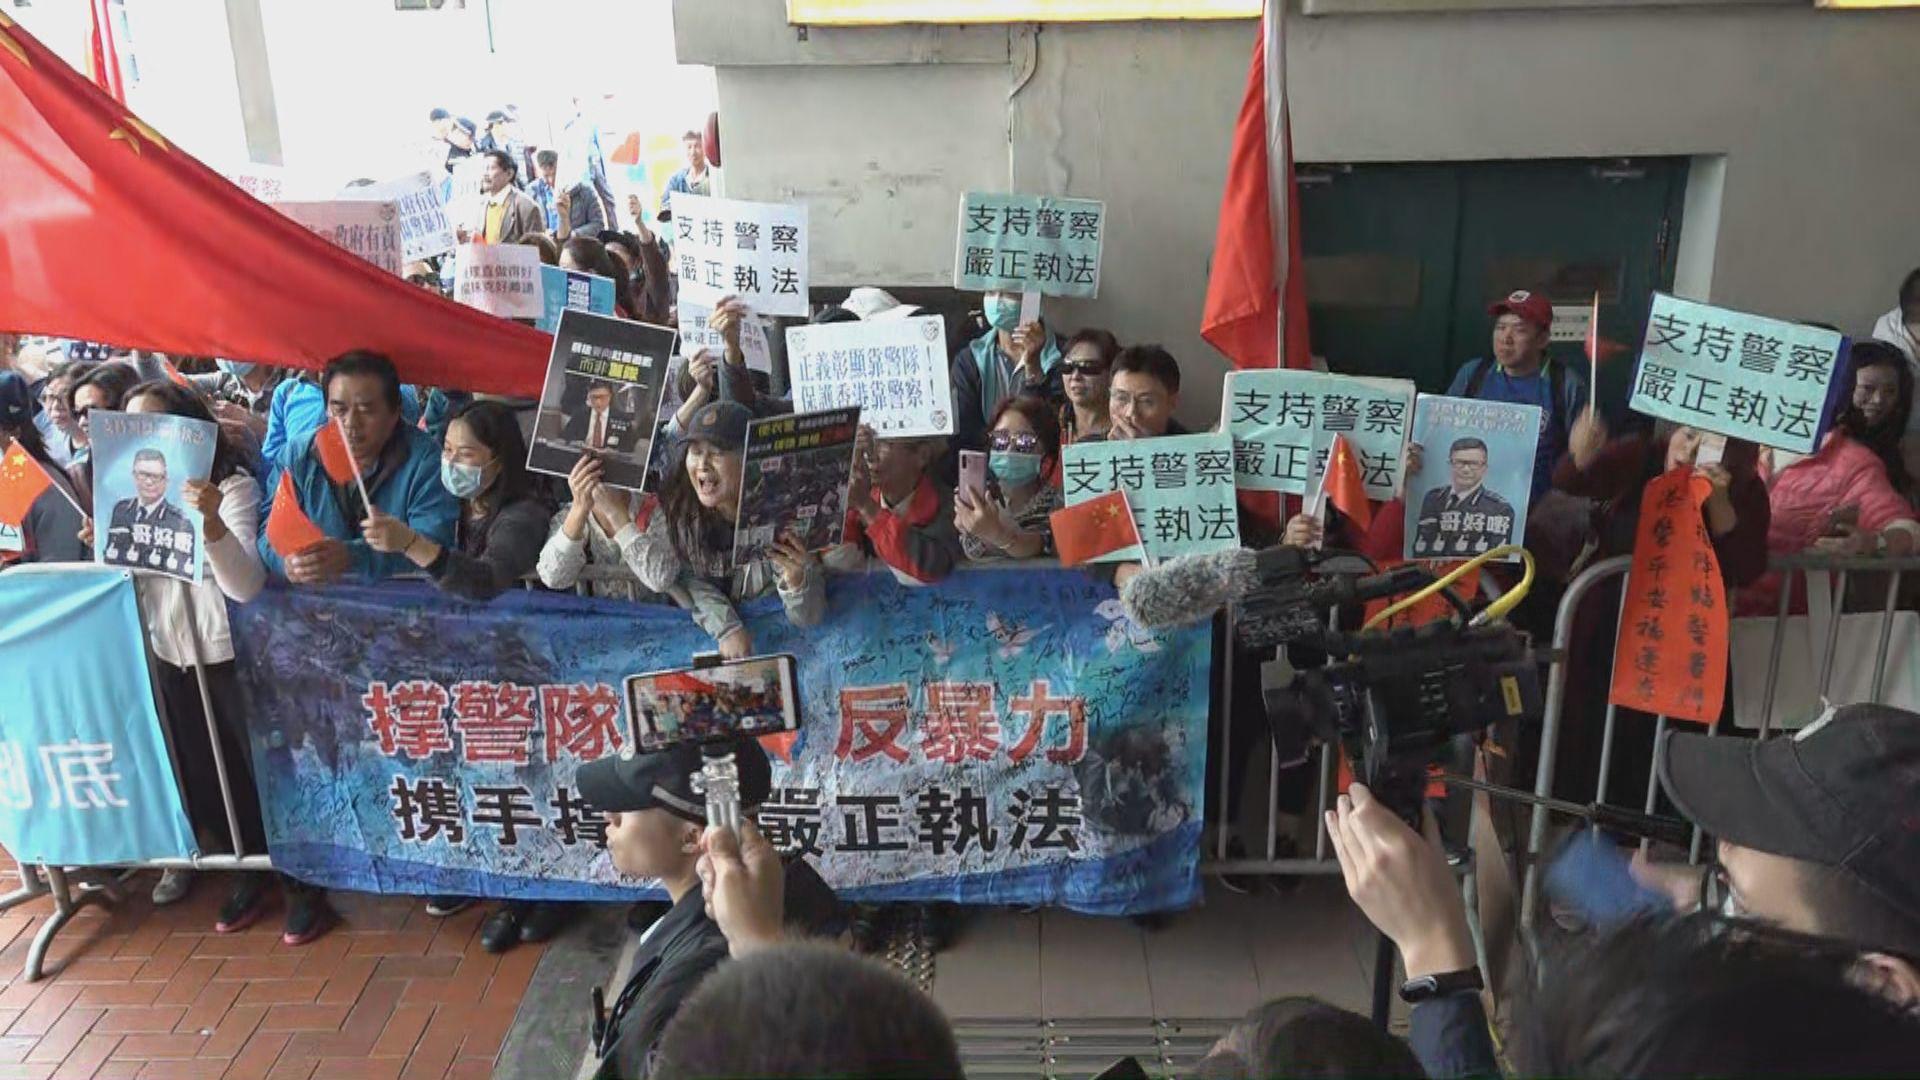 鄧炳強出席荃灣區議會 支持和不滿警方人士場外起爭執